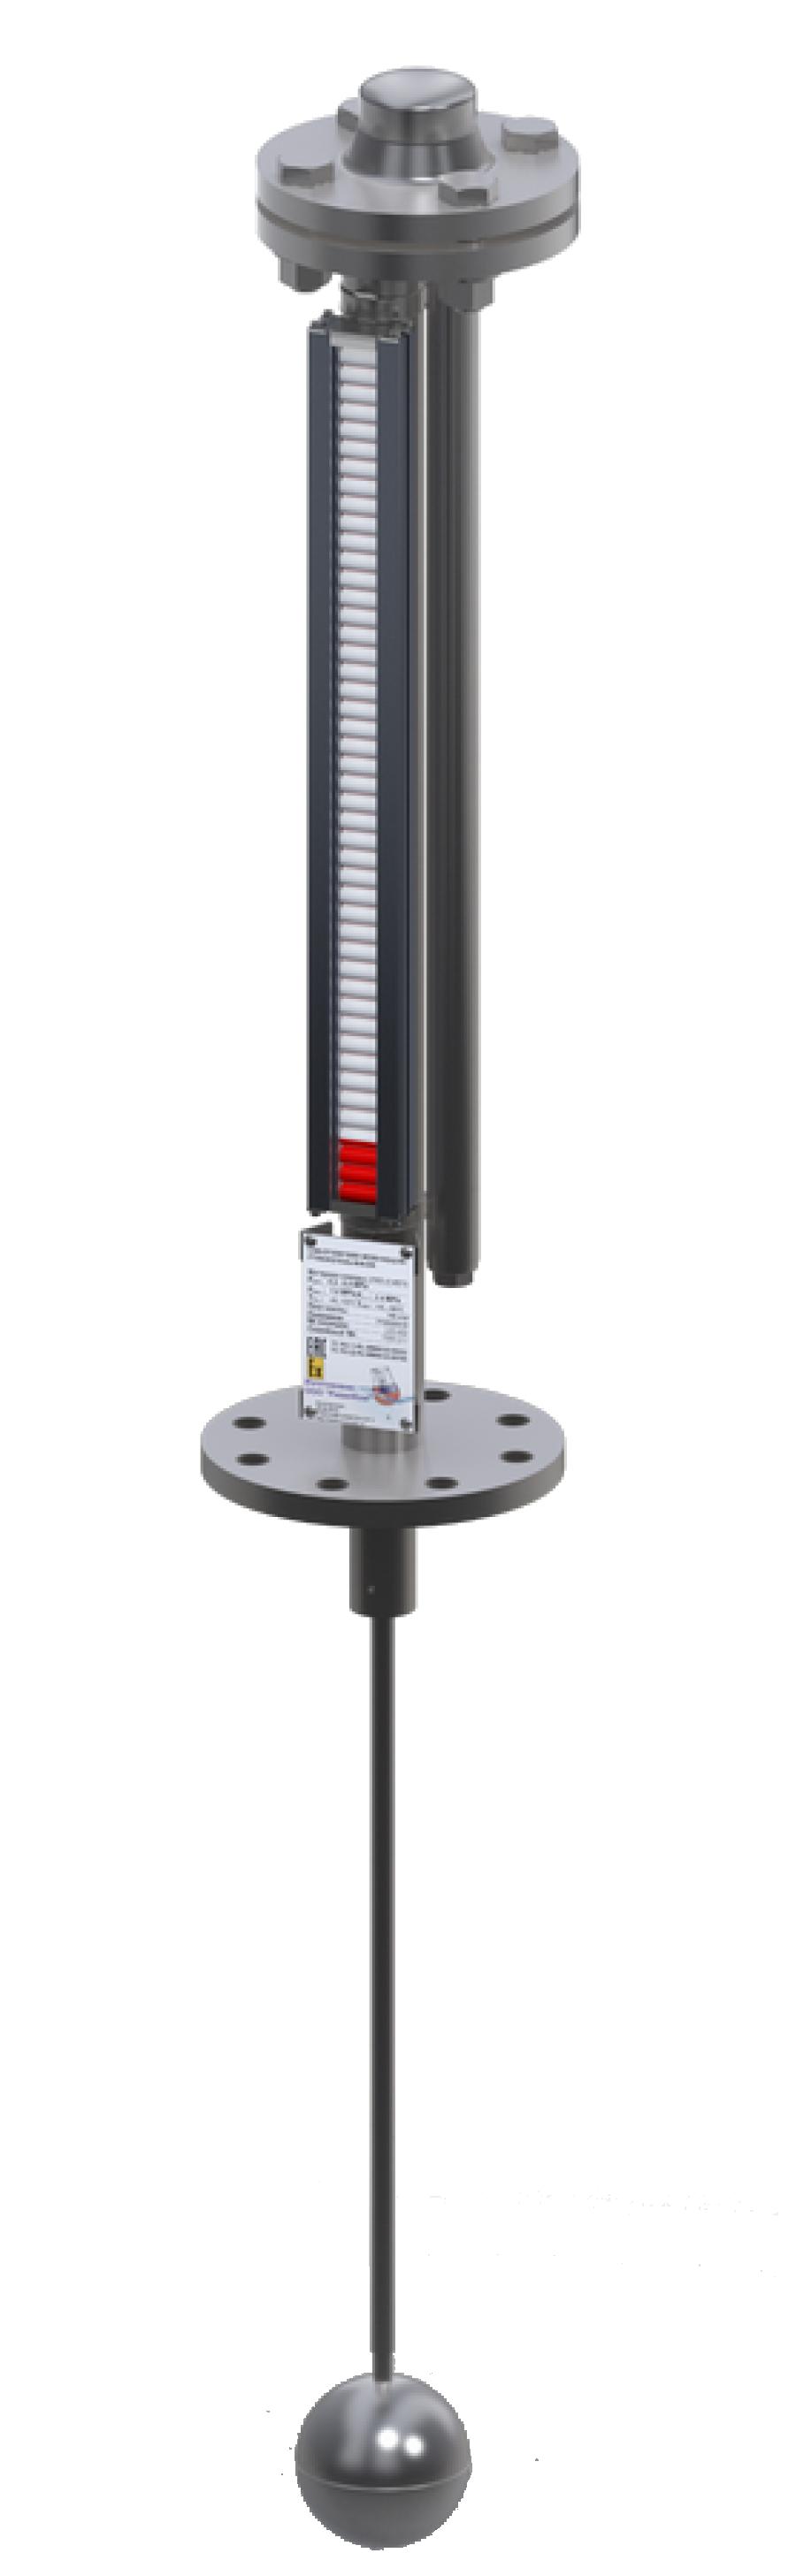 Указатель уровня LGB-OT с системой компенсации веса поплавка DK